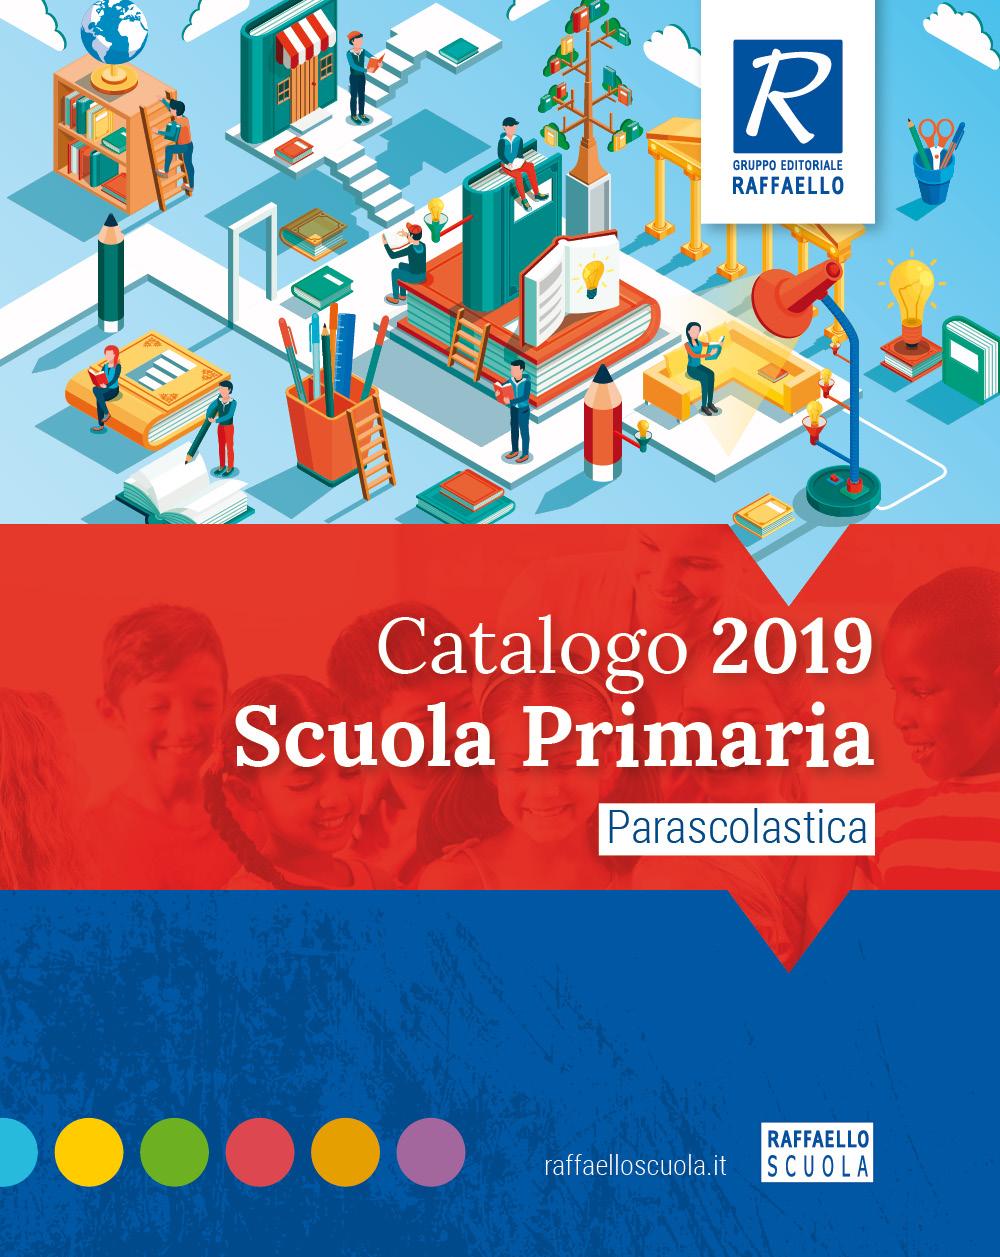 Scuola Primaria Parascolastica 2019